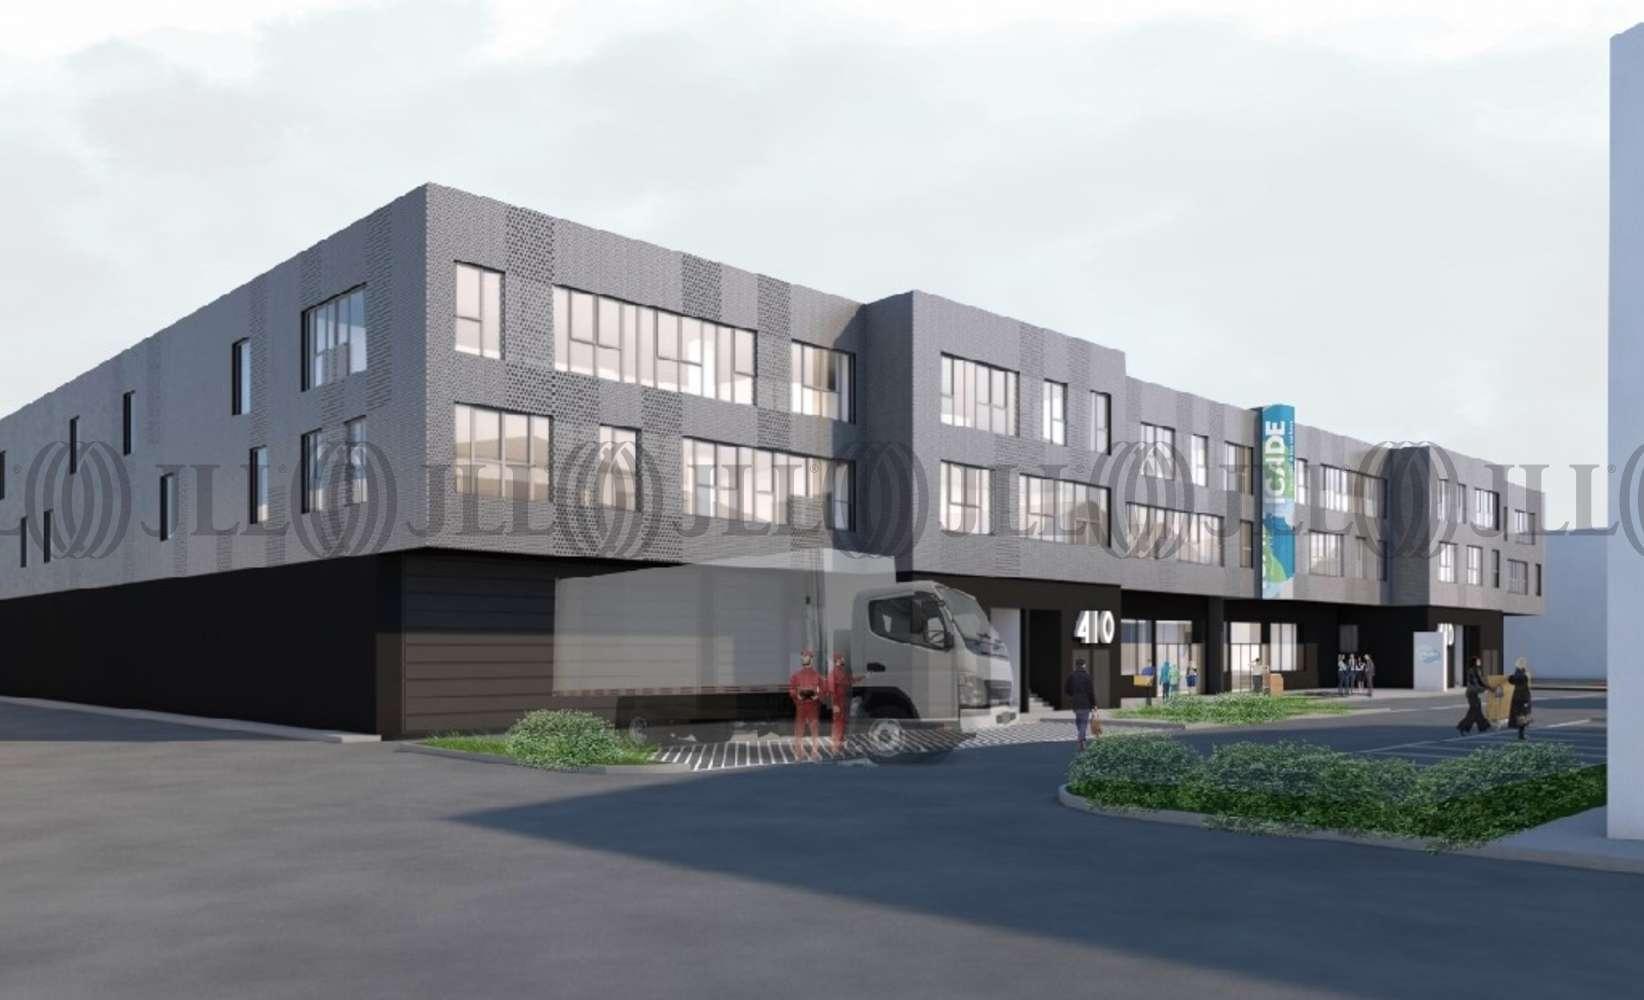 Activités/entrepôt Aubervilliers, 93300 - PARC DU MAUVIN - BAT 410